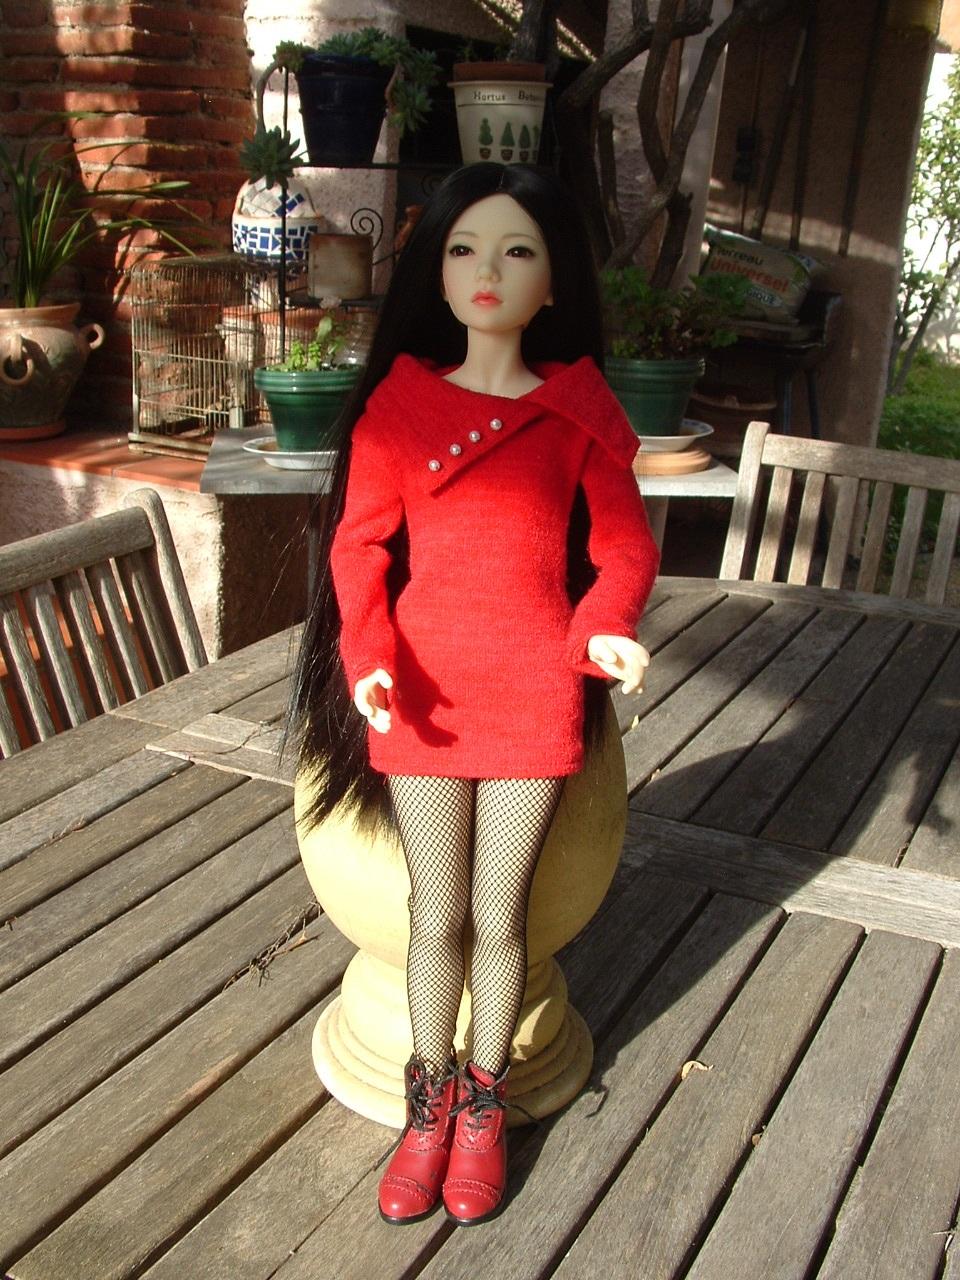 Je vous présente Mitsuko, ma belle Asa - première robe p 2 - autre tenue p 3 Dscf0439